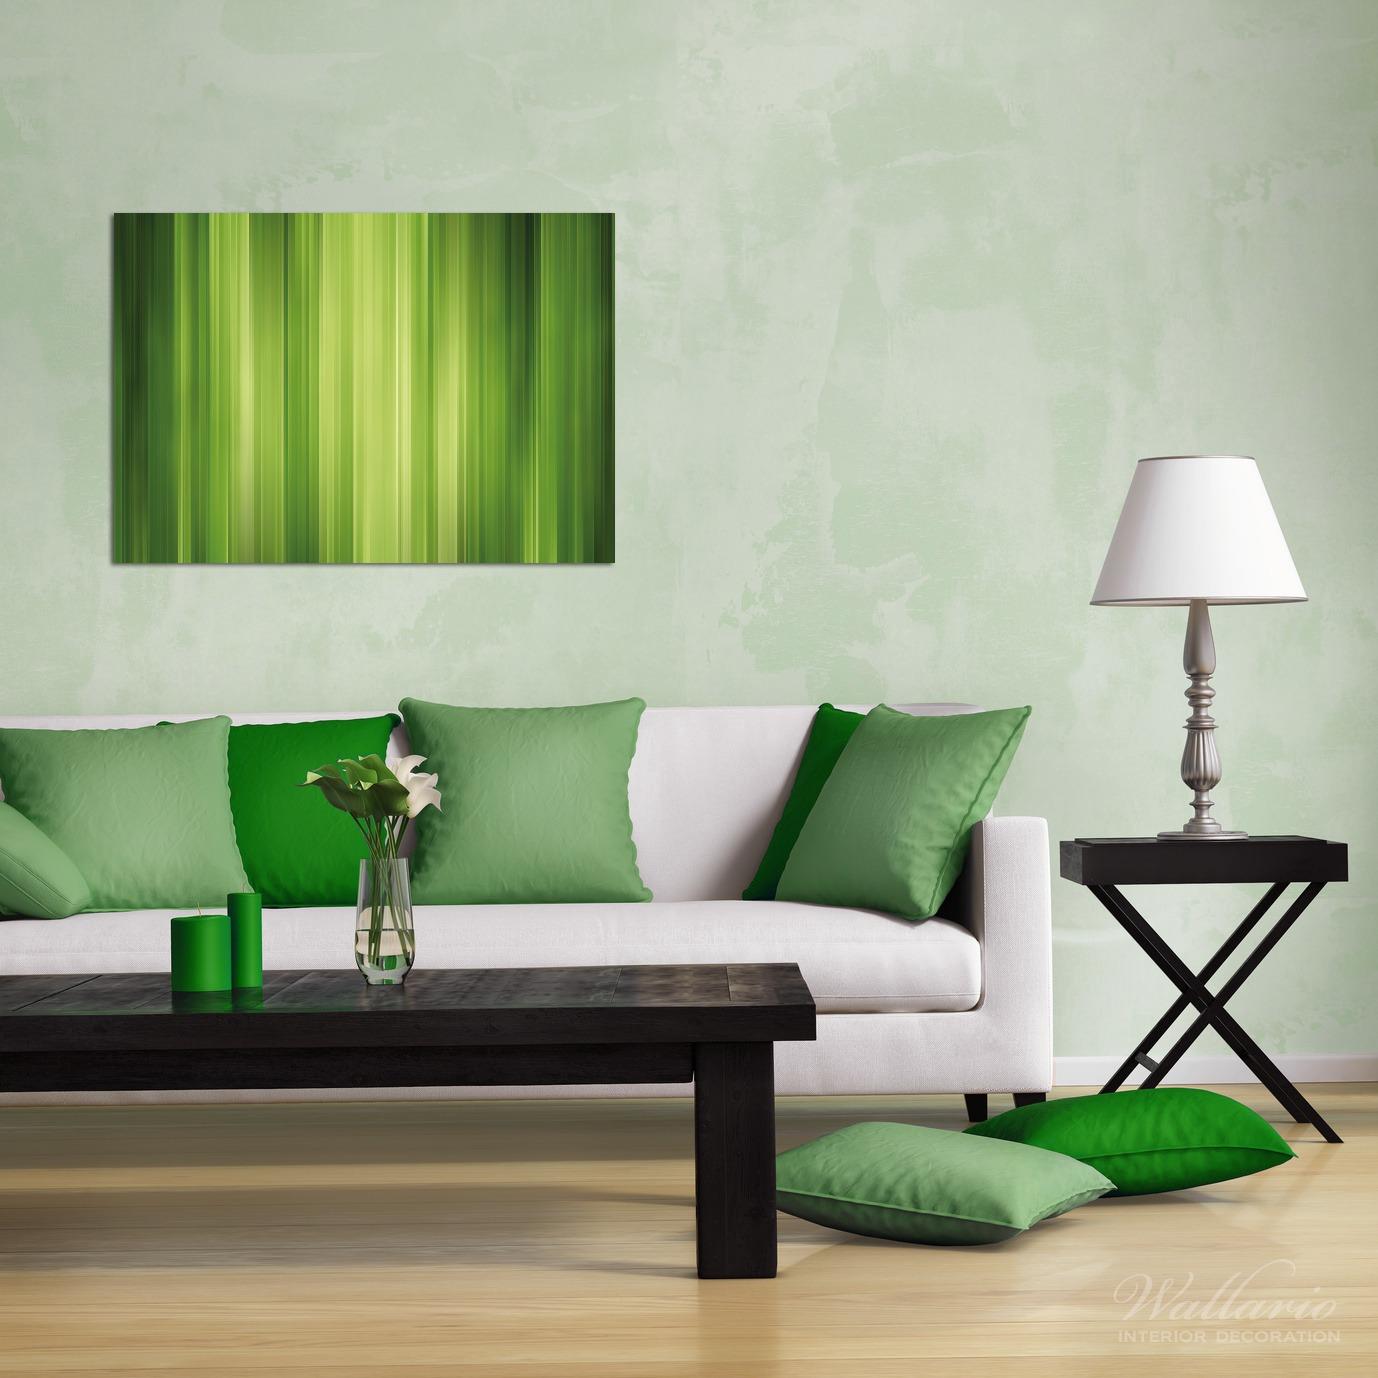 Wandbild Grün und schwarz gestreift - Abstraktes Streifenmuster – Bild 2